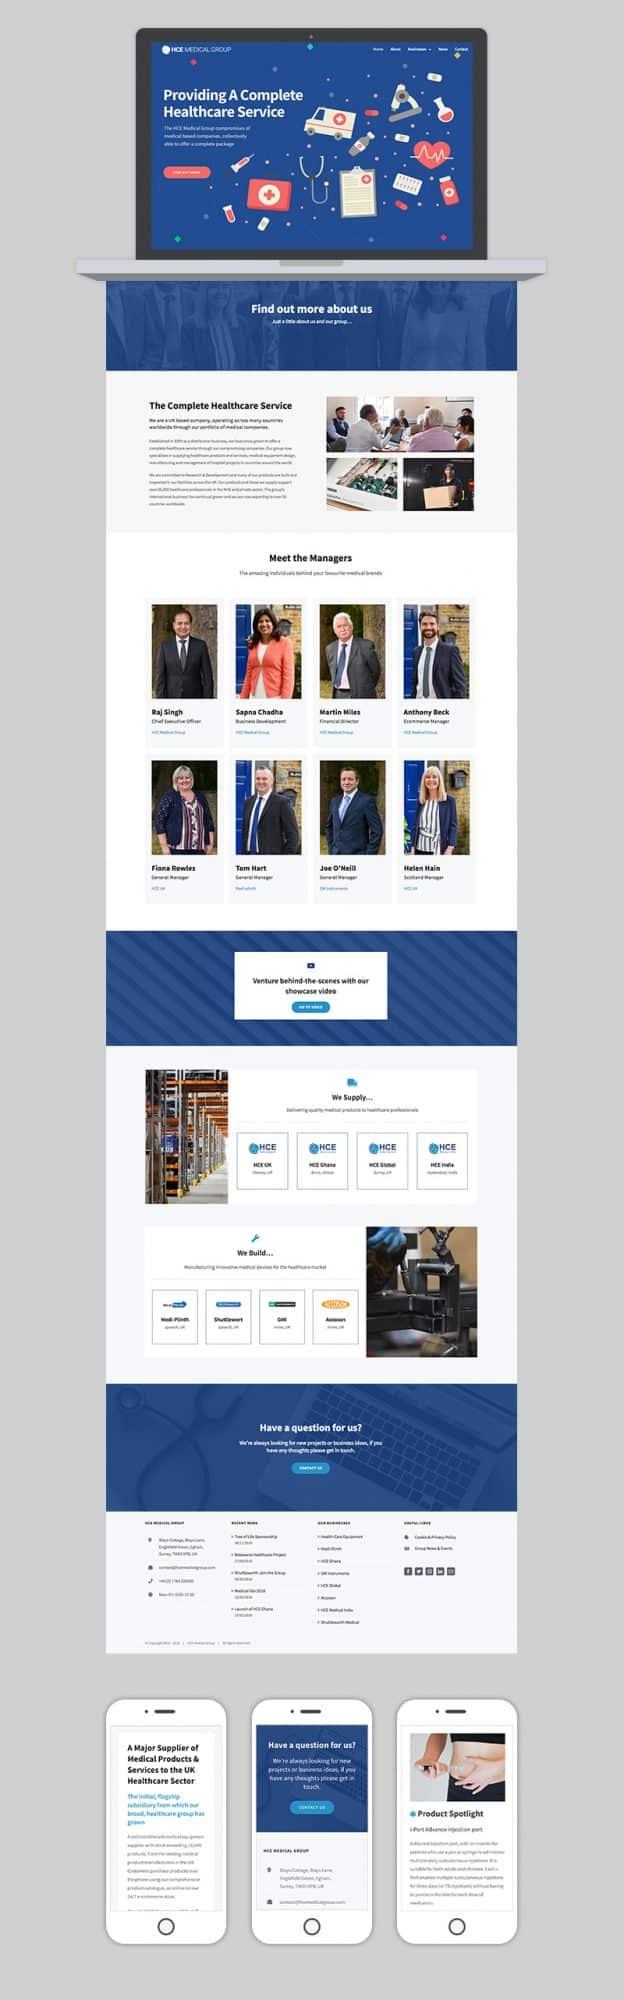 HCE Group Website Full Design